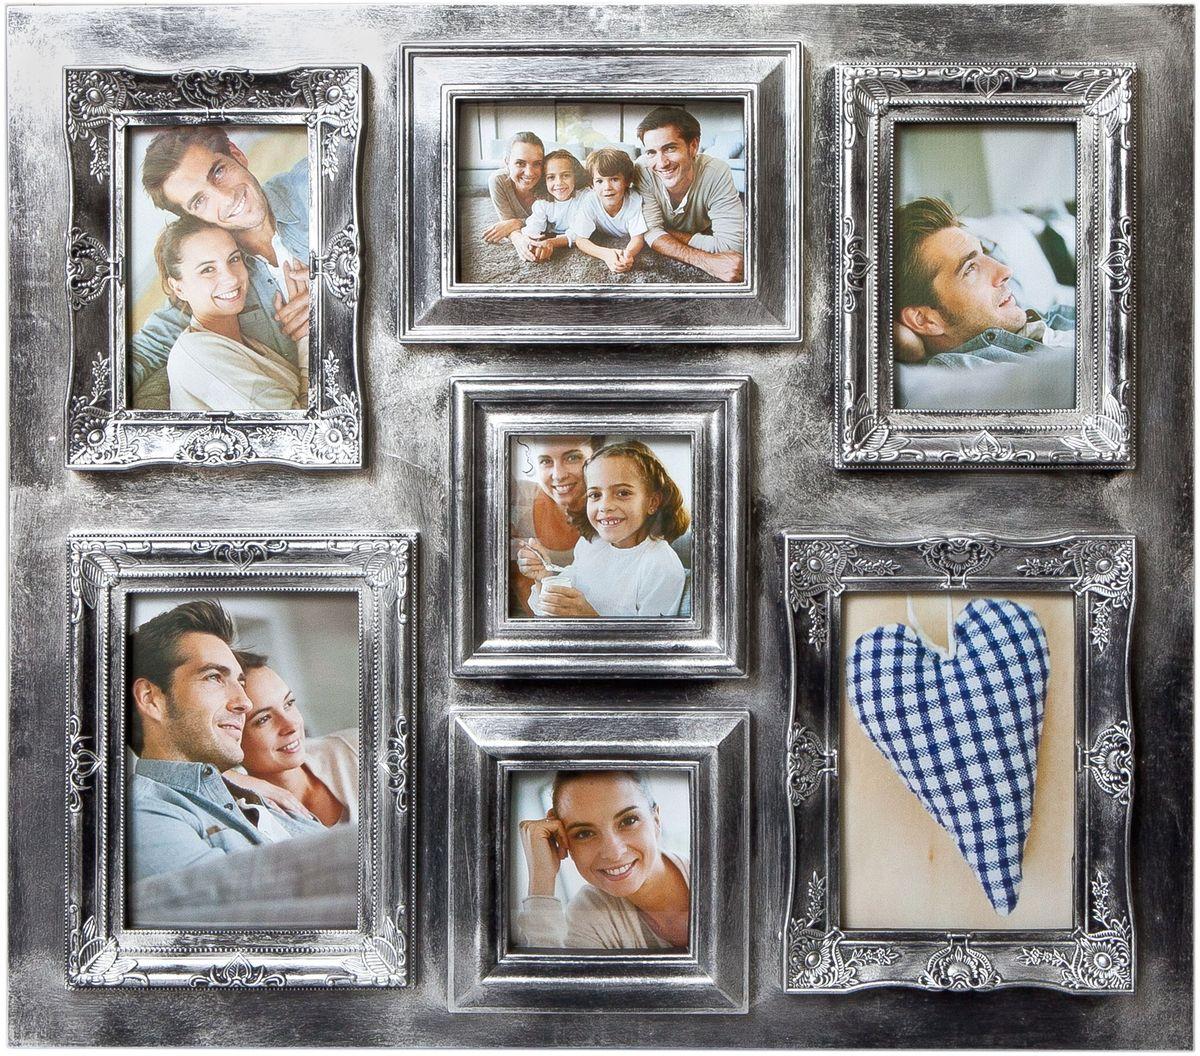 Фоторамка Platinum, цвет: серебристый, на 7 фотоPLATINUM BIN-112137 Серебряный (Silver)Фоторамка Platinum - прекрасный способ красиво оформить ваши фотографии. Фоторамка выполнена из пластика и защищена стеклом. Фоторамка-коллаж оригинального дизайна представляет собой фоторамку на семь фото разного размера. Такая фоторамка поможет сохранить в памяти самые яркие моменты вашей жизни, а стильный дизайн сделает ее прекрасным дополнением интерьера комнаты. Фоторамка подходит для 5 фото 10 х 15 см и 2 фото 10 х 10 см. Общий размер фоторамки: 58 х 51 см.